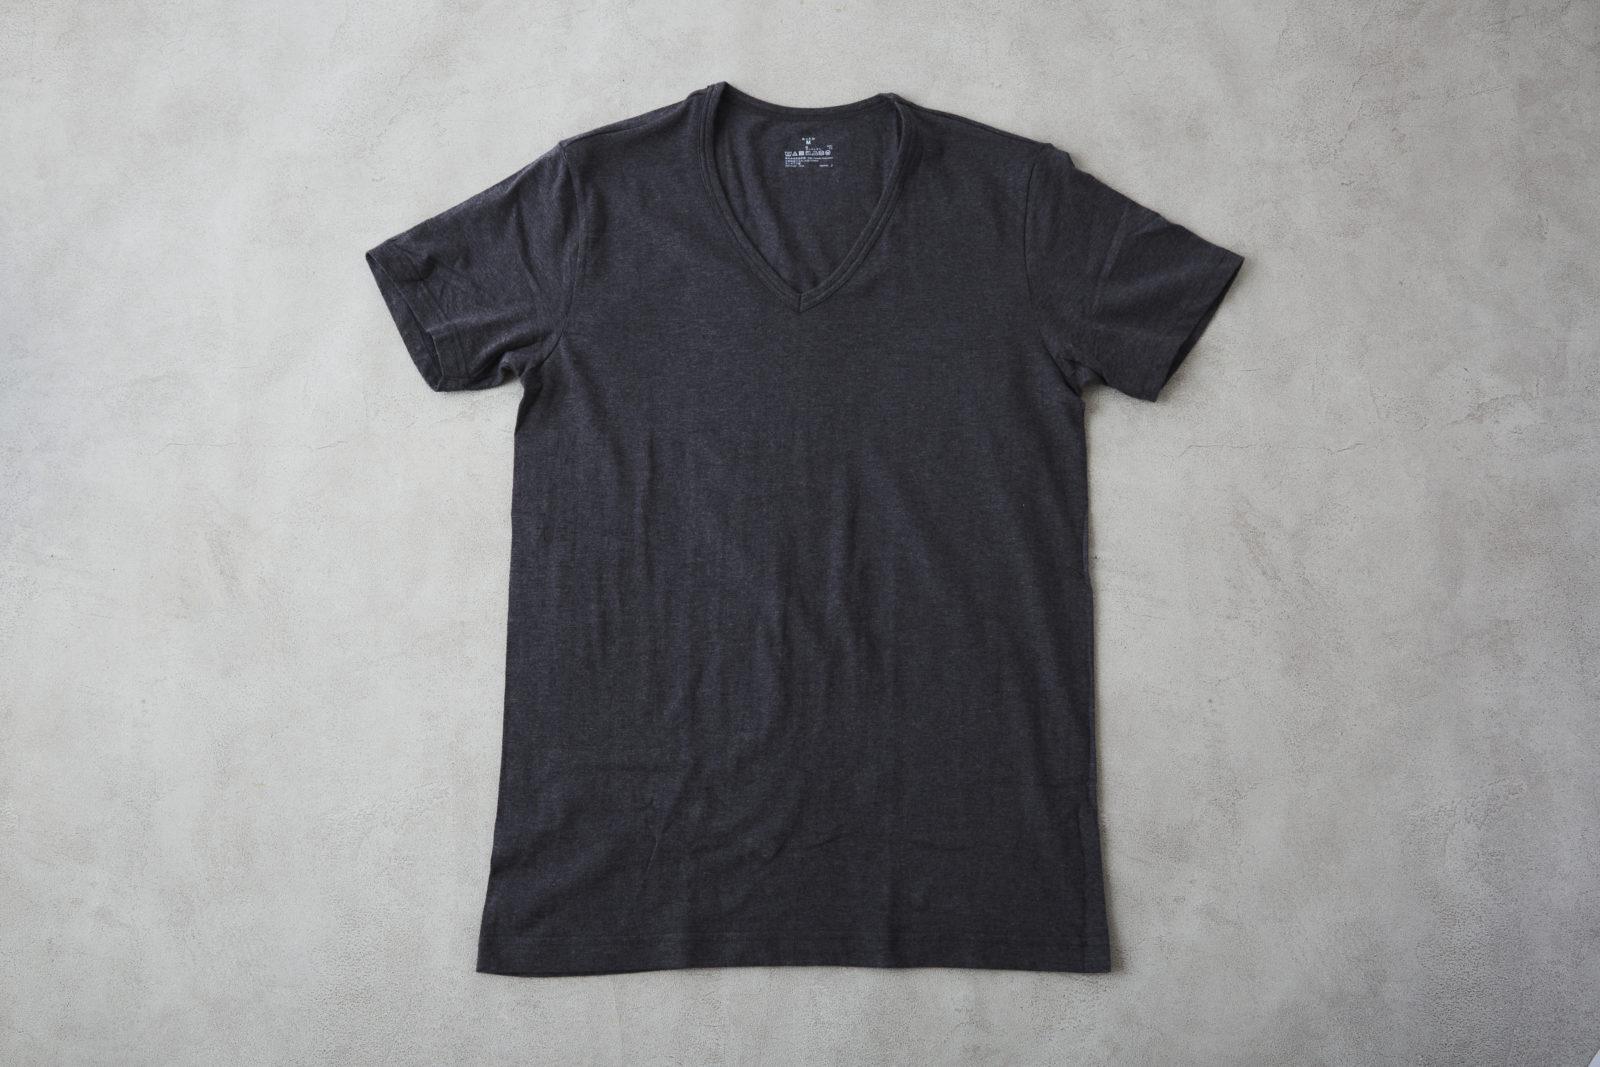 綿であったかVネック半袖Tシャツ 紳士S・チャコールグレー